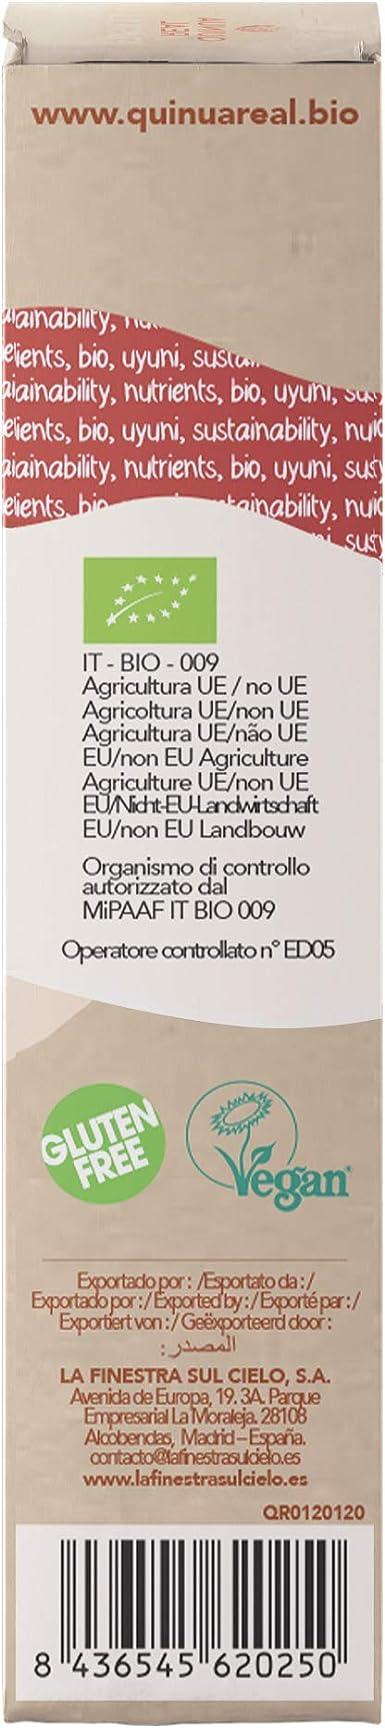 Penne de arroz y quinoa real bio gluten free - Quinua Real - 250g (caja 6 uds.) Total: 1500 g: Amazon.es: Alimentación y bebidas